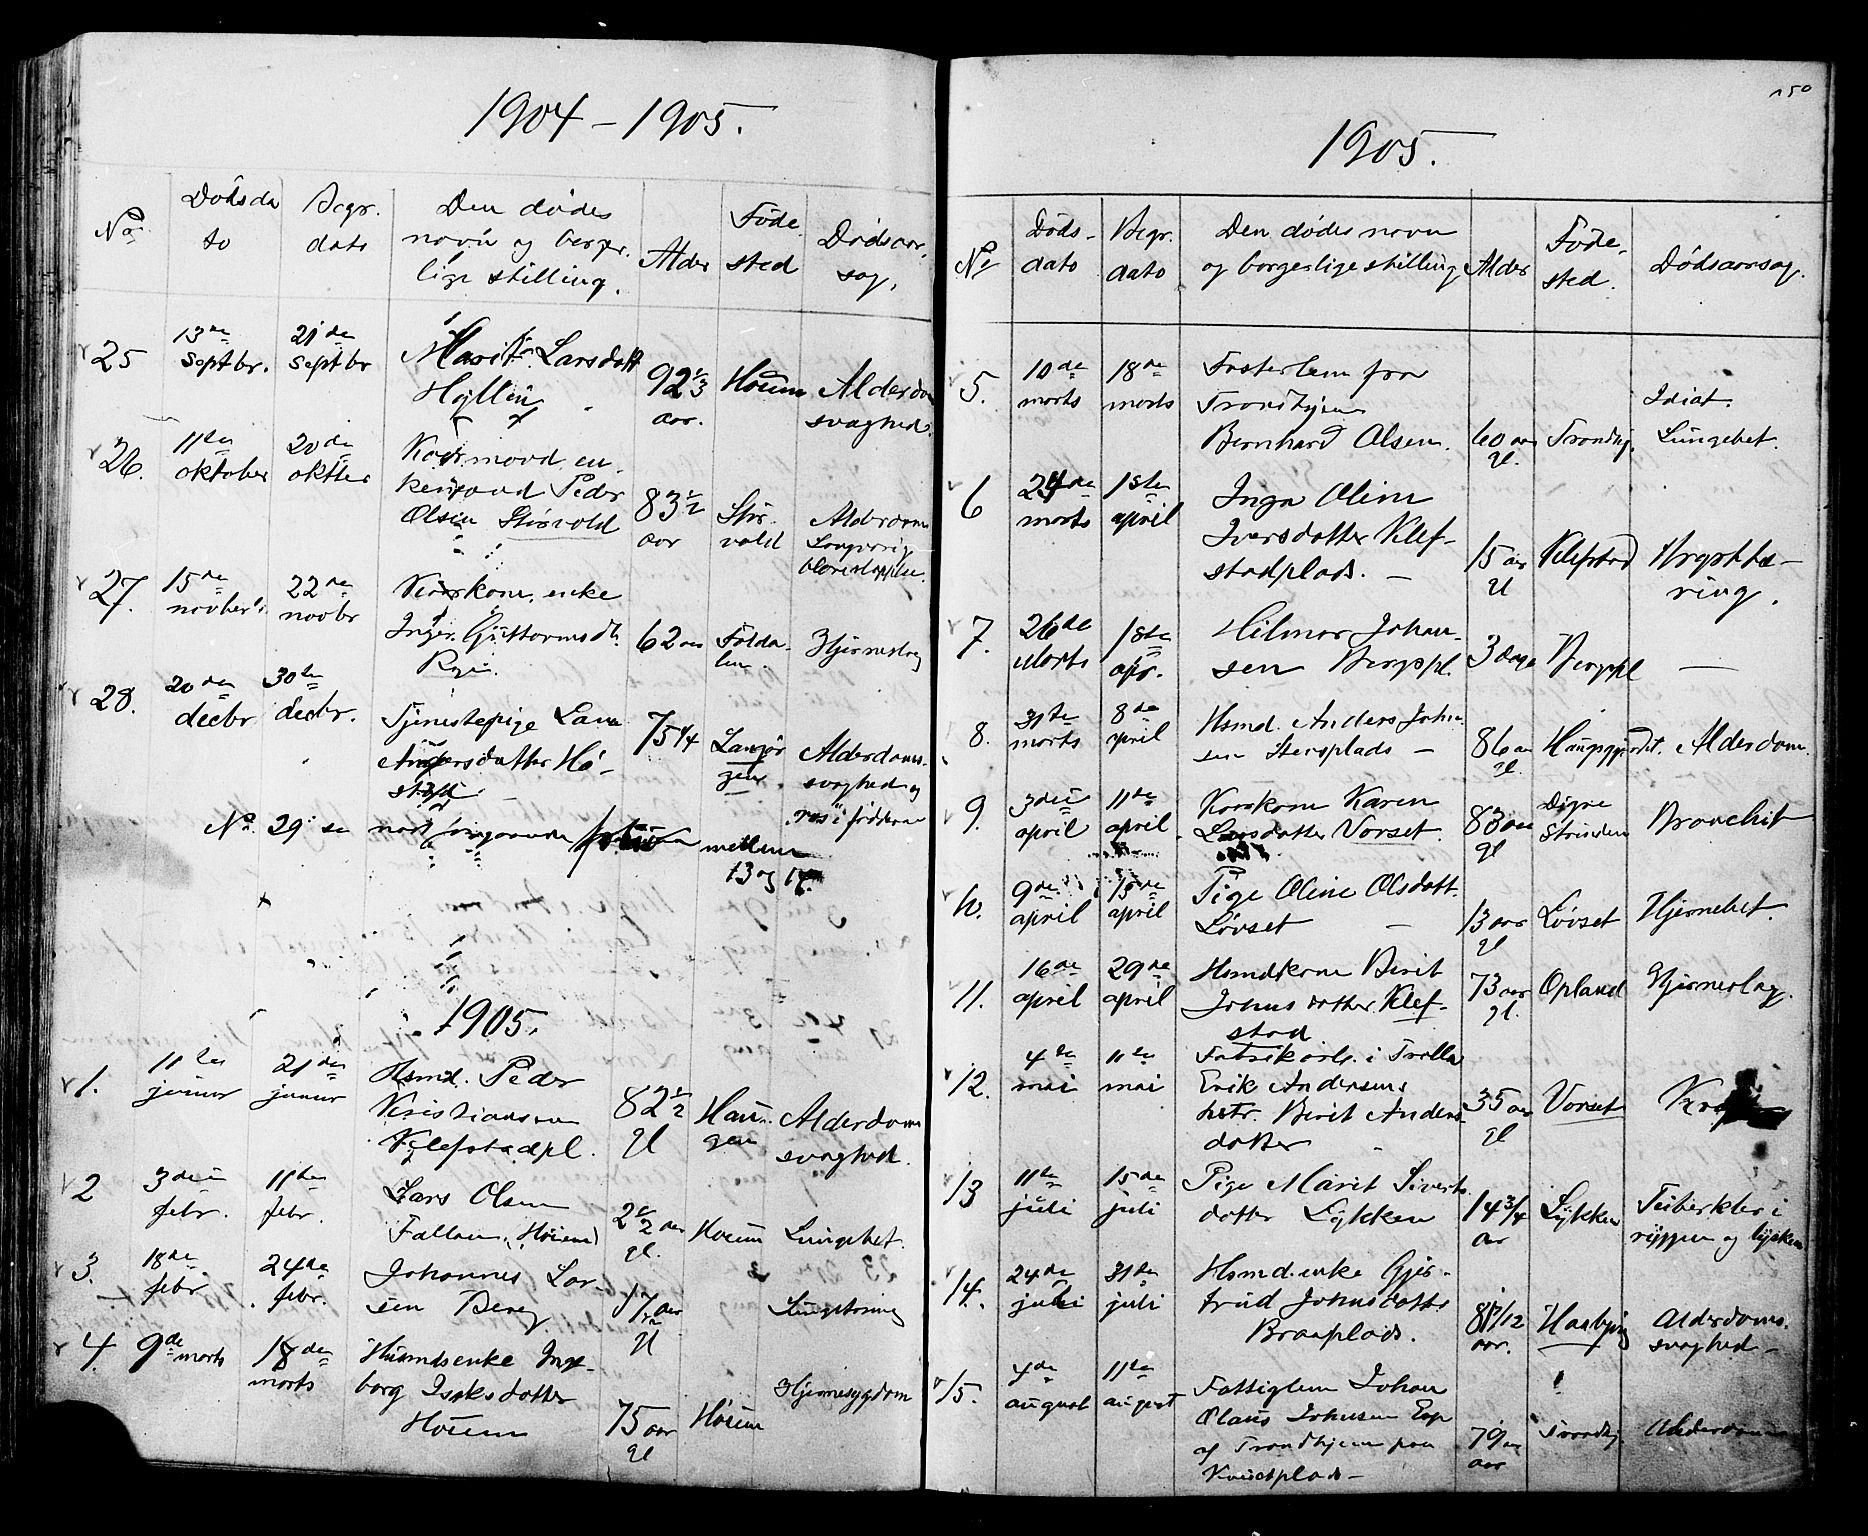 SAT, Ministerialprotokoller, klokkerbøker og fødselsregistre - Sør-Trøndelag, 612/L0387: Klokkerbok nr. 612C03, 1874-1908, s. 250